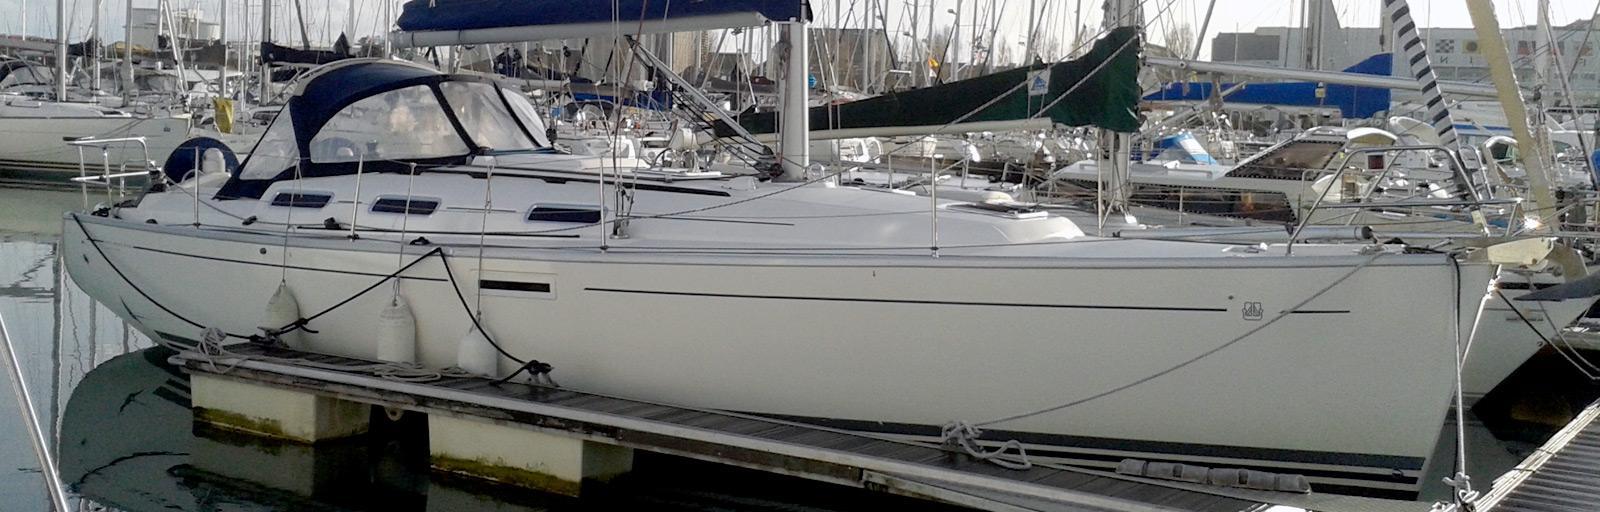 Dufour 385 - AYC Yachtbroker